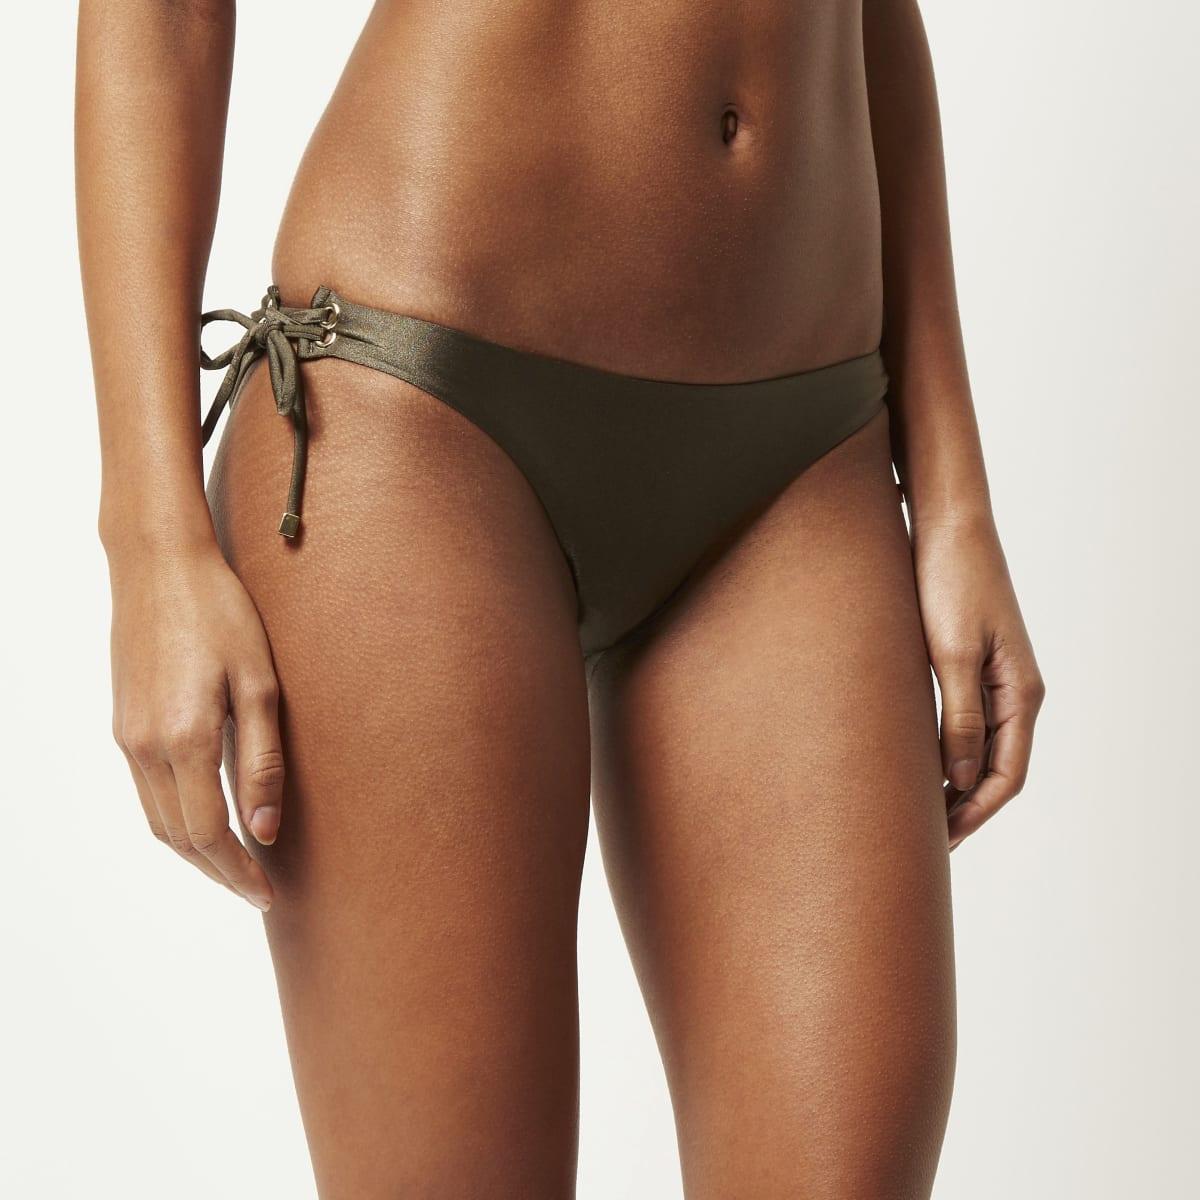 Kaki bikinibroekje met lage taille en veteroogjes